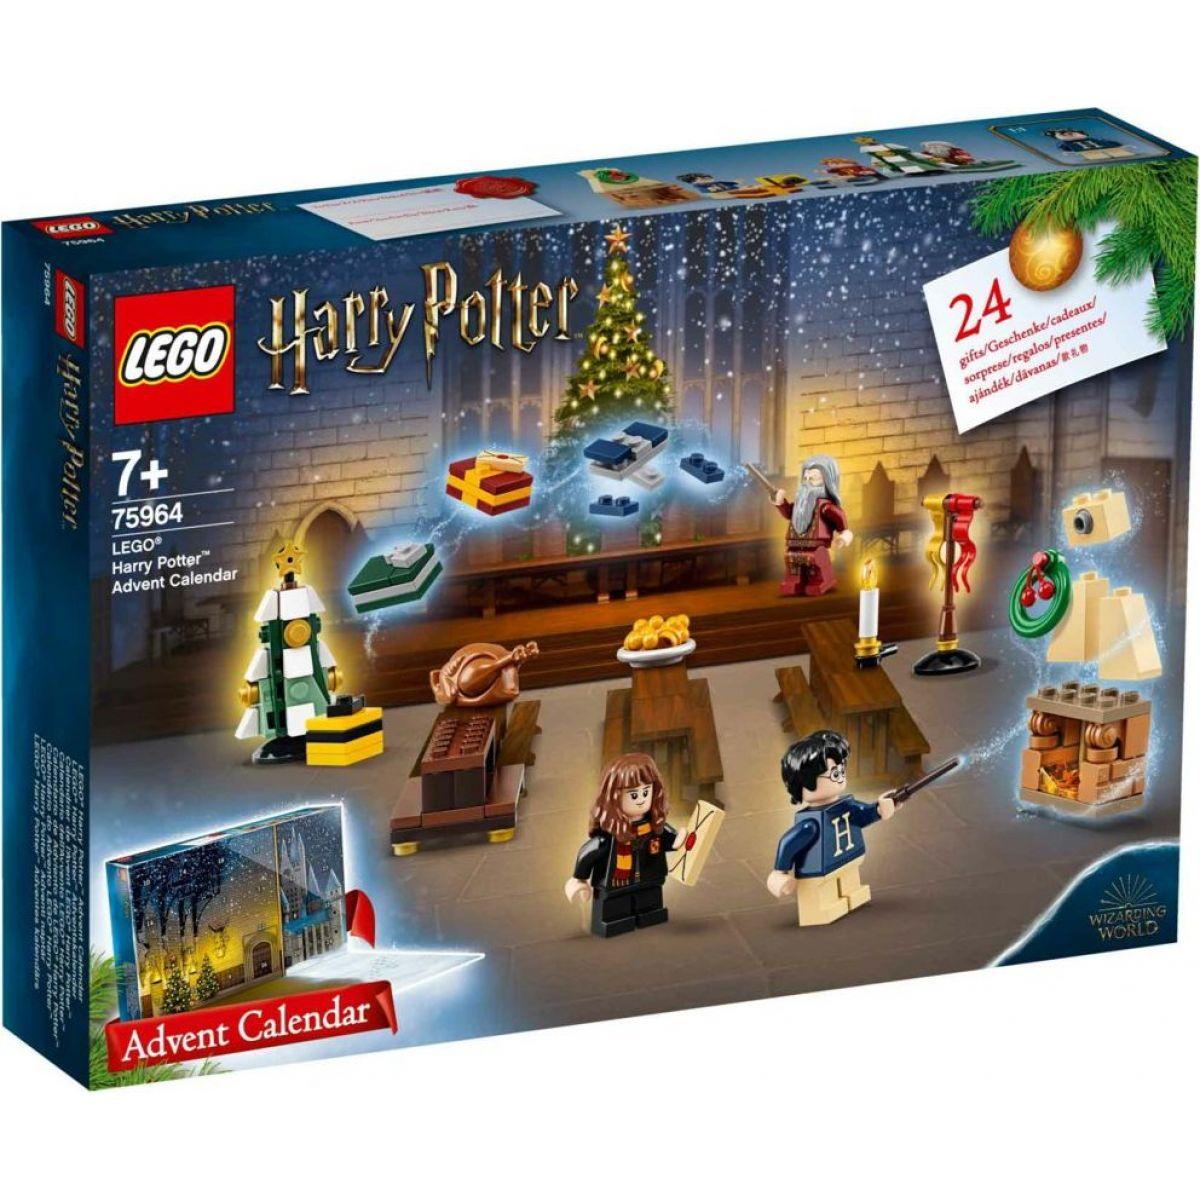 LEGO Harry Potter ™ 75964 Adventný kalendár LEGO® Harry Potter™